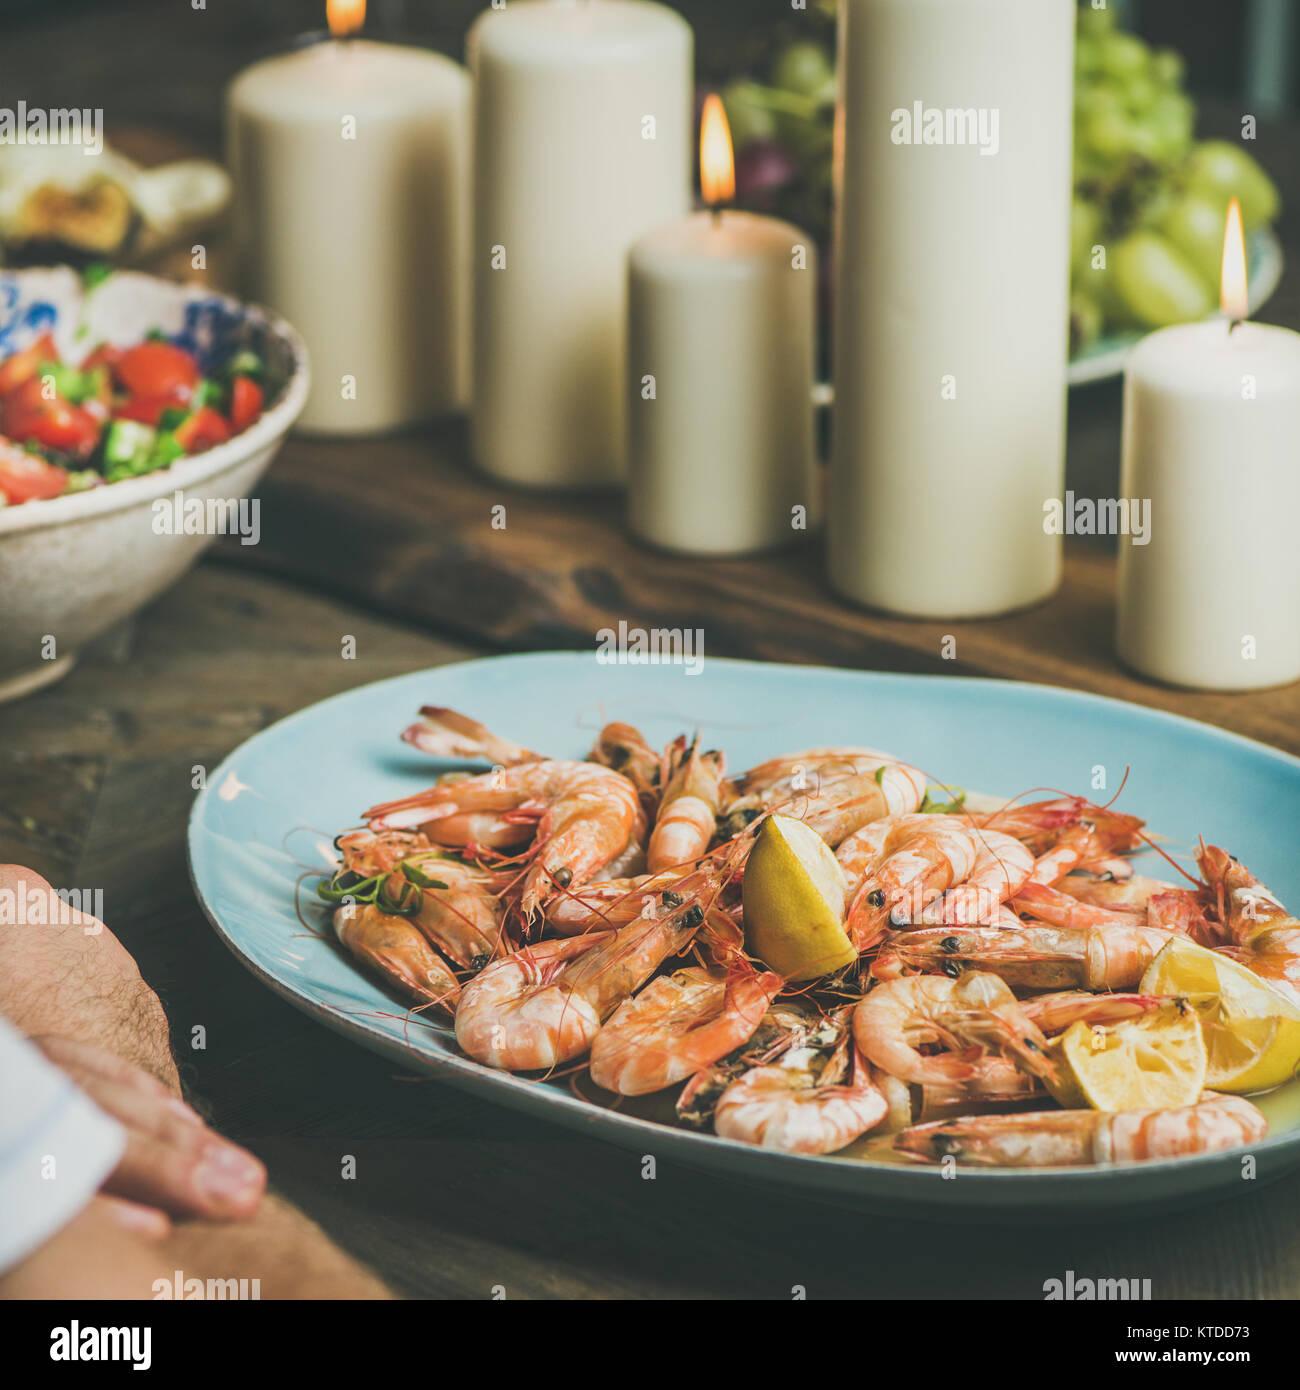 Salat, Garnelen und Kerzen auf hölzernen Tisch, quadratisch zuschneiden Stockbild